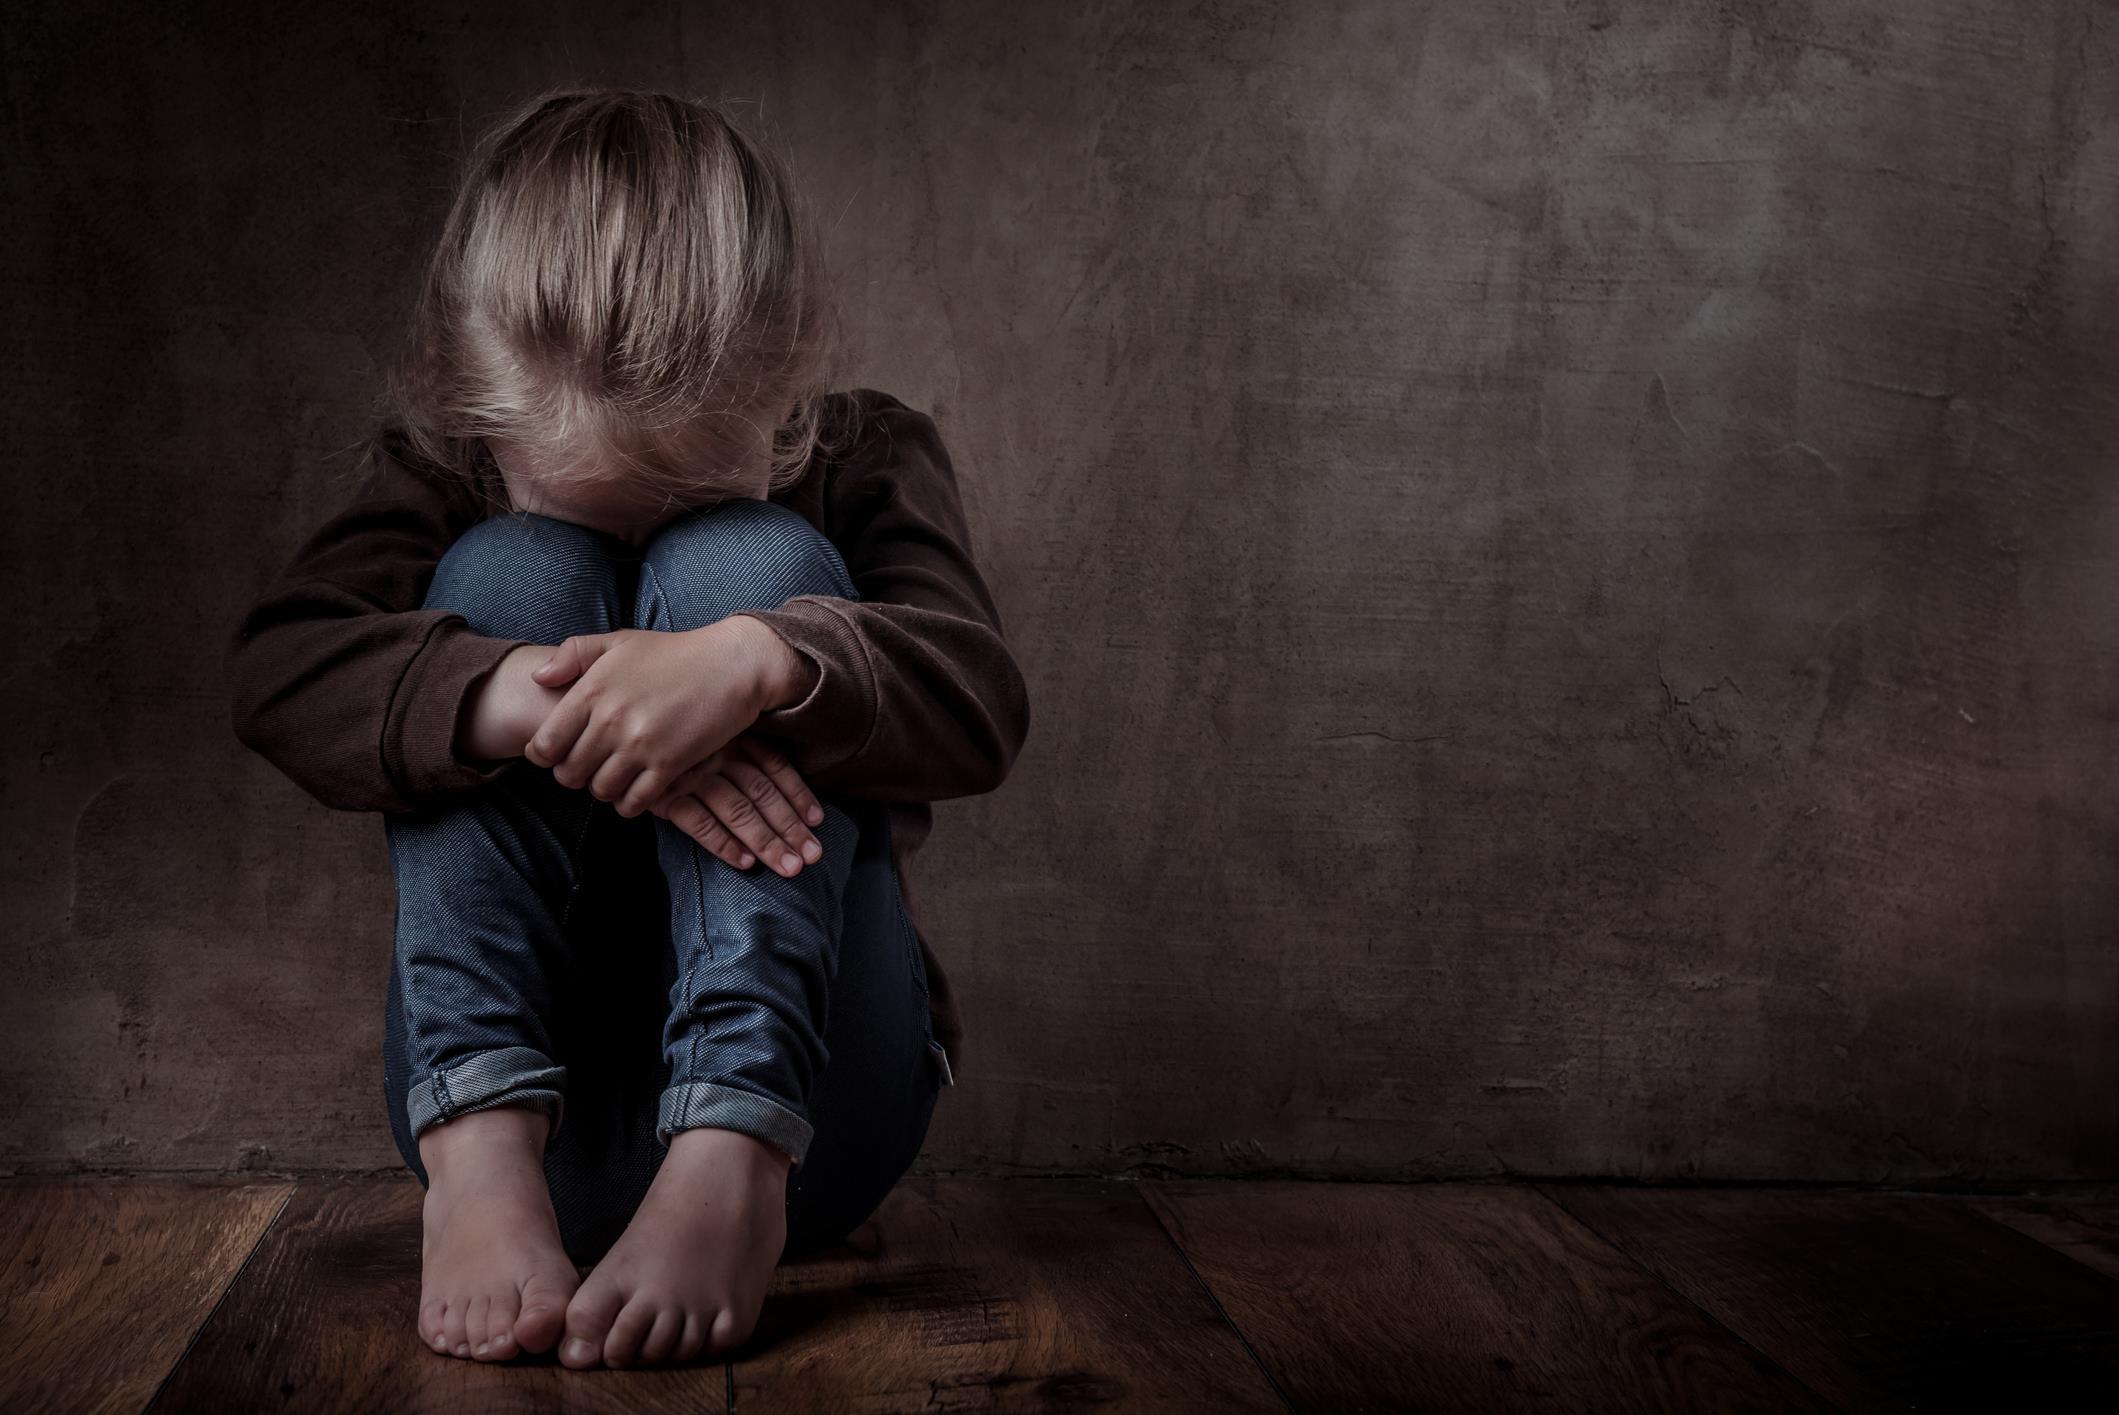 Bambina seduta a terra con le gambe al petto e la testa chinata su di esse